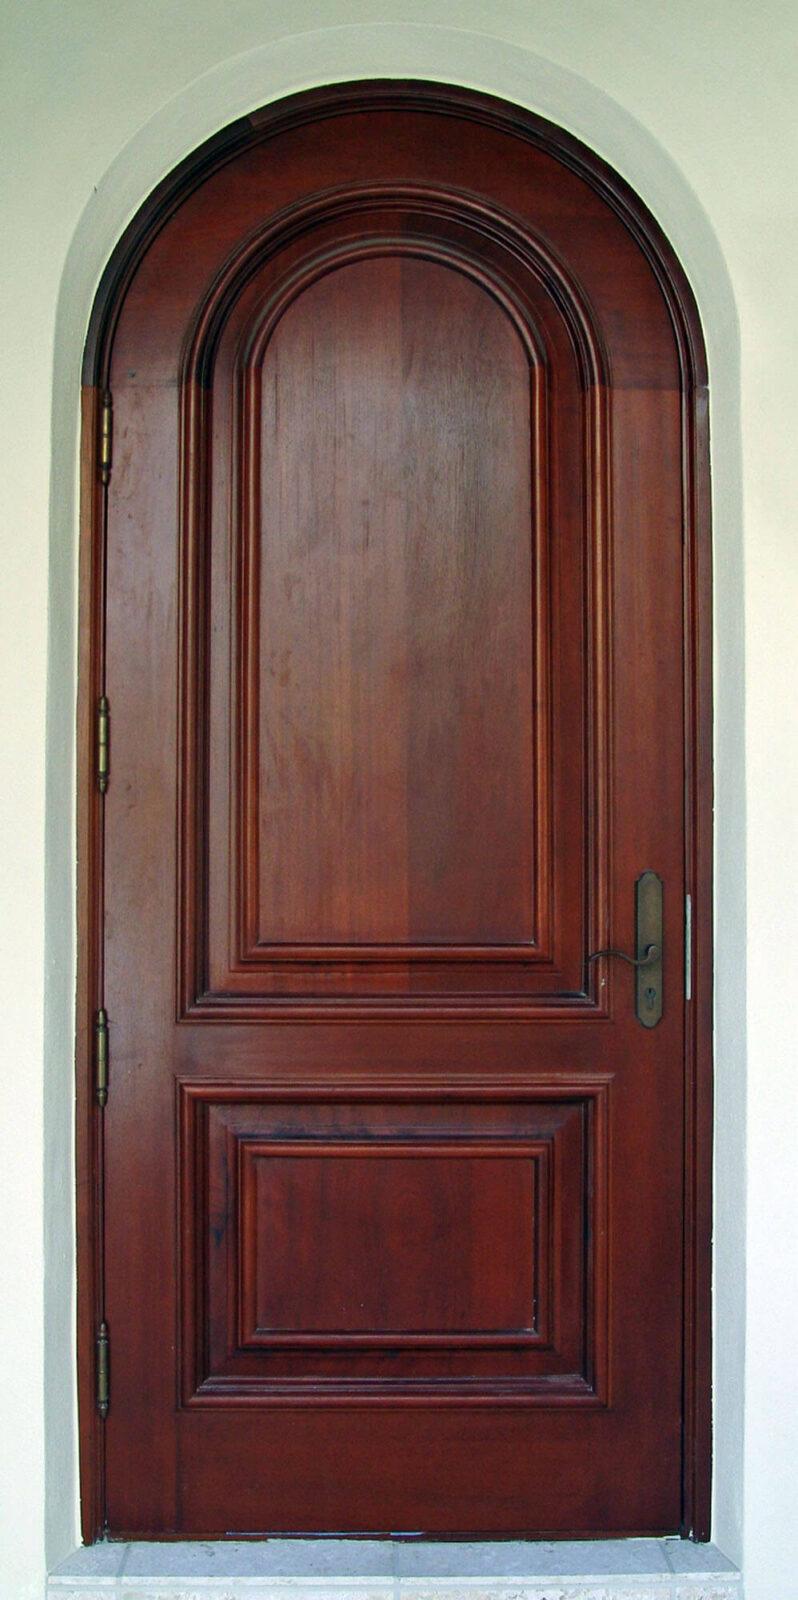 SOUTH BEACH MAHOGANY ENTRY DOOR.